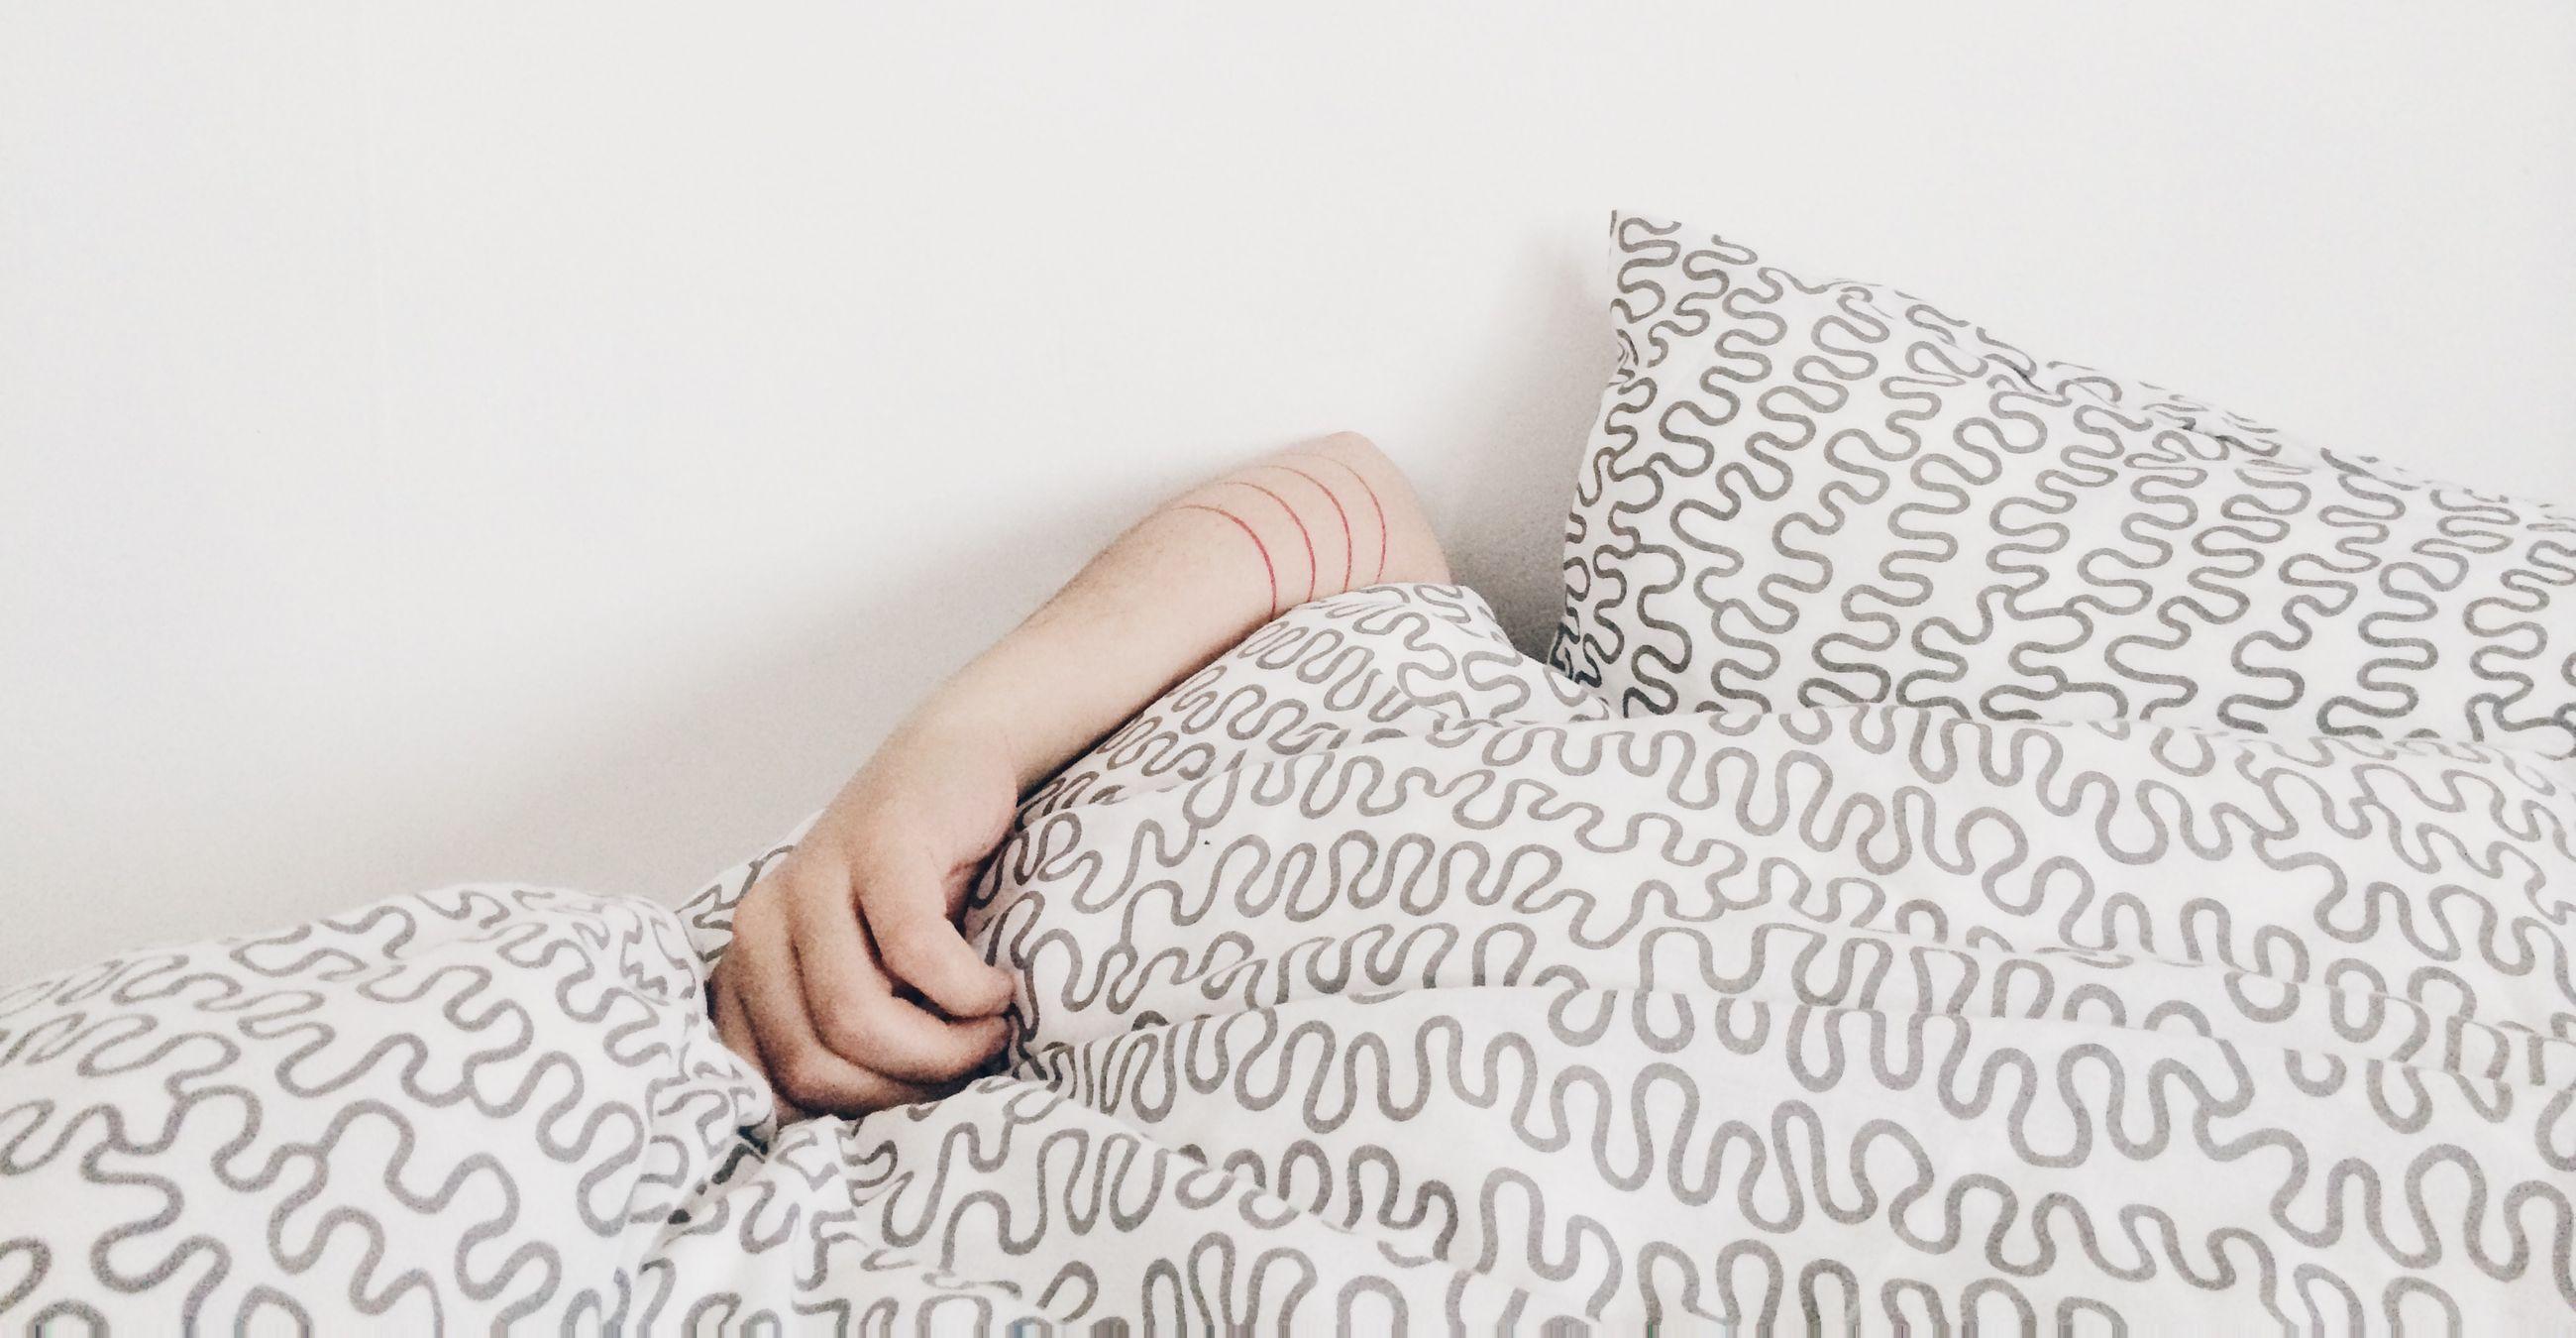 Яркий свет за окном ночью влияет на сон и психику у подростков